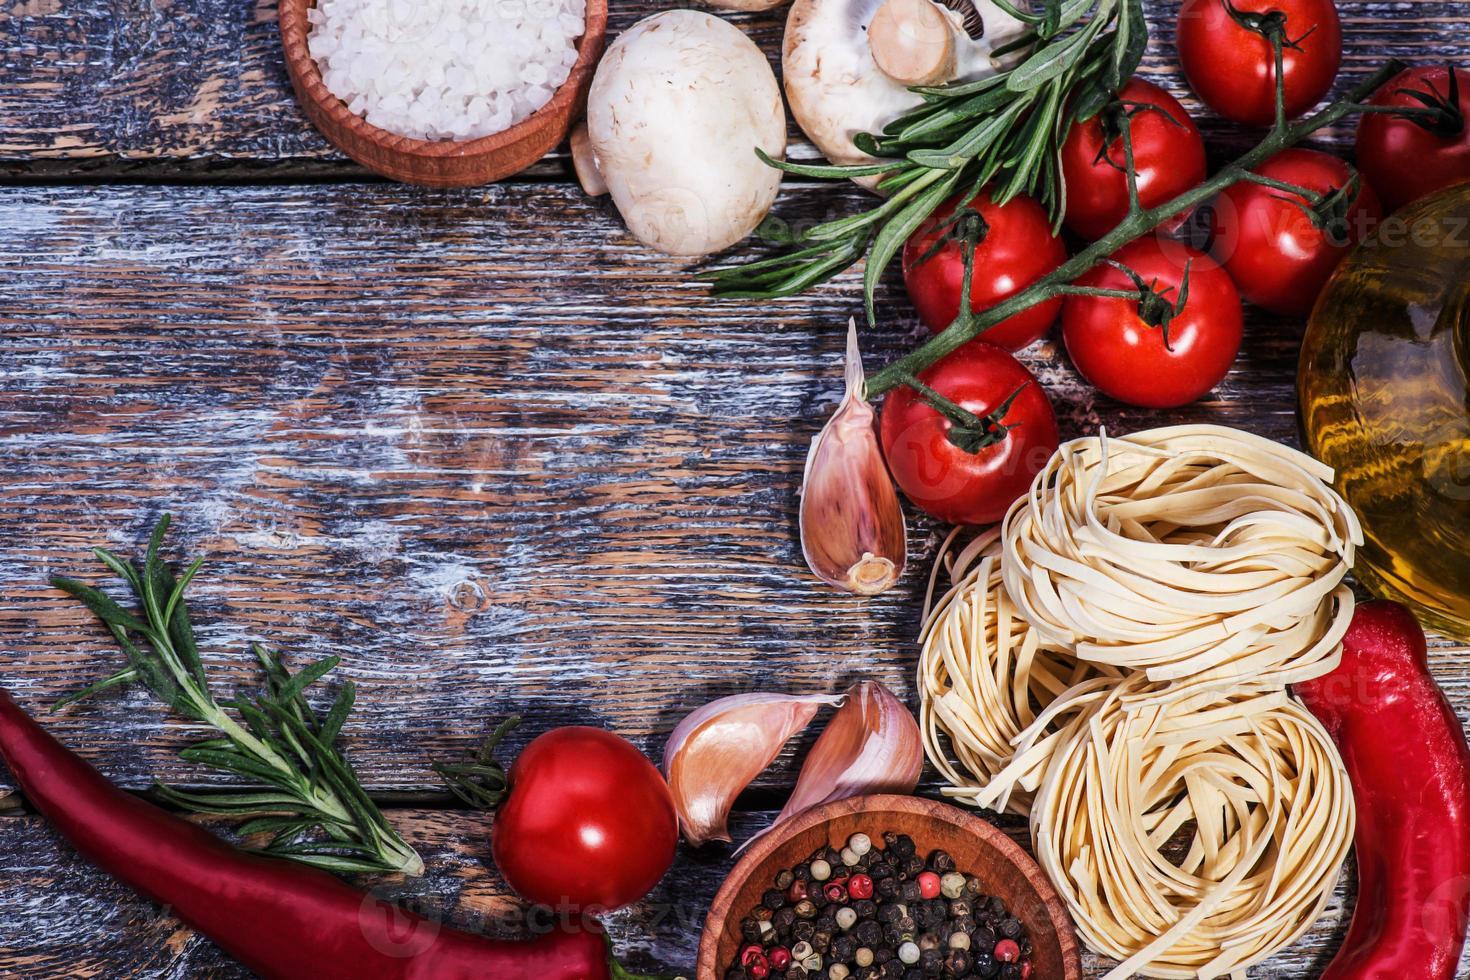 ingrédients pour pâtes sur un fond en bois photo